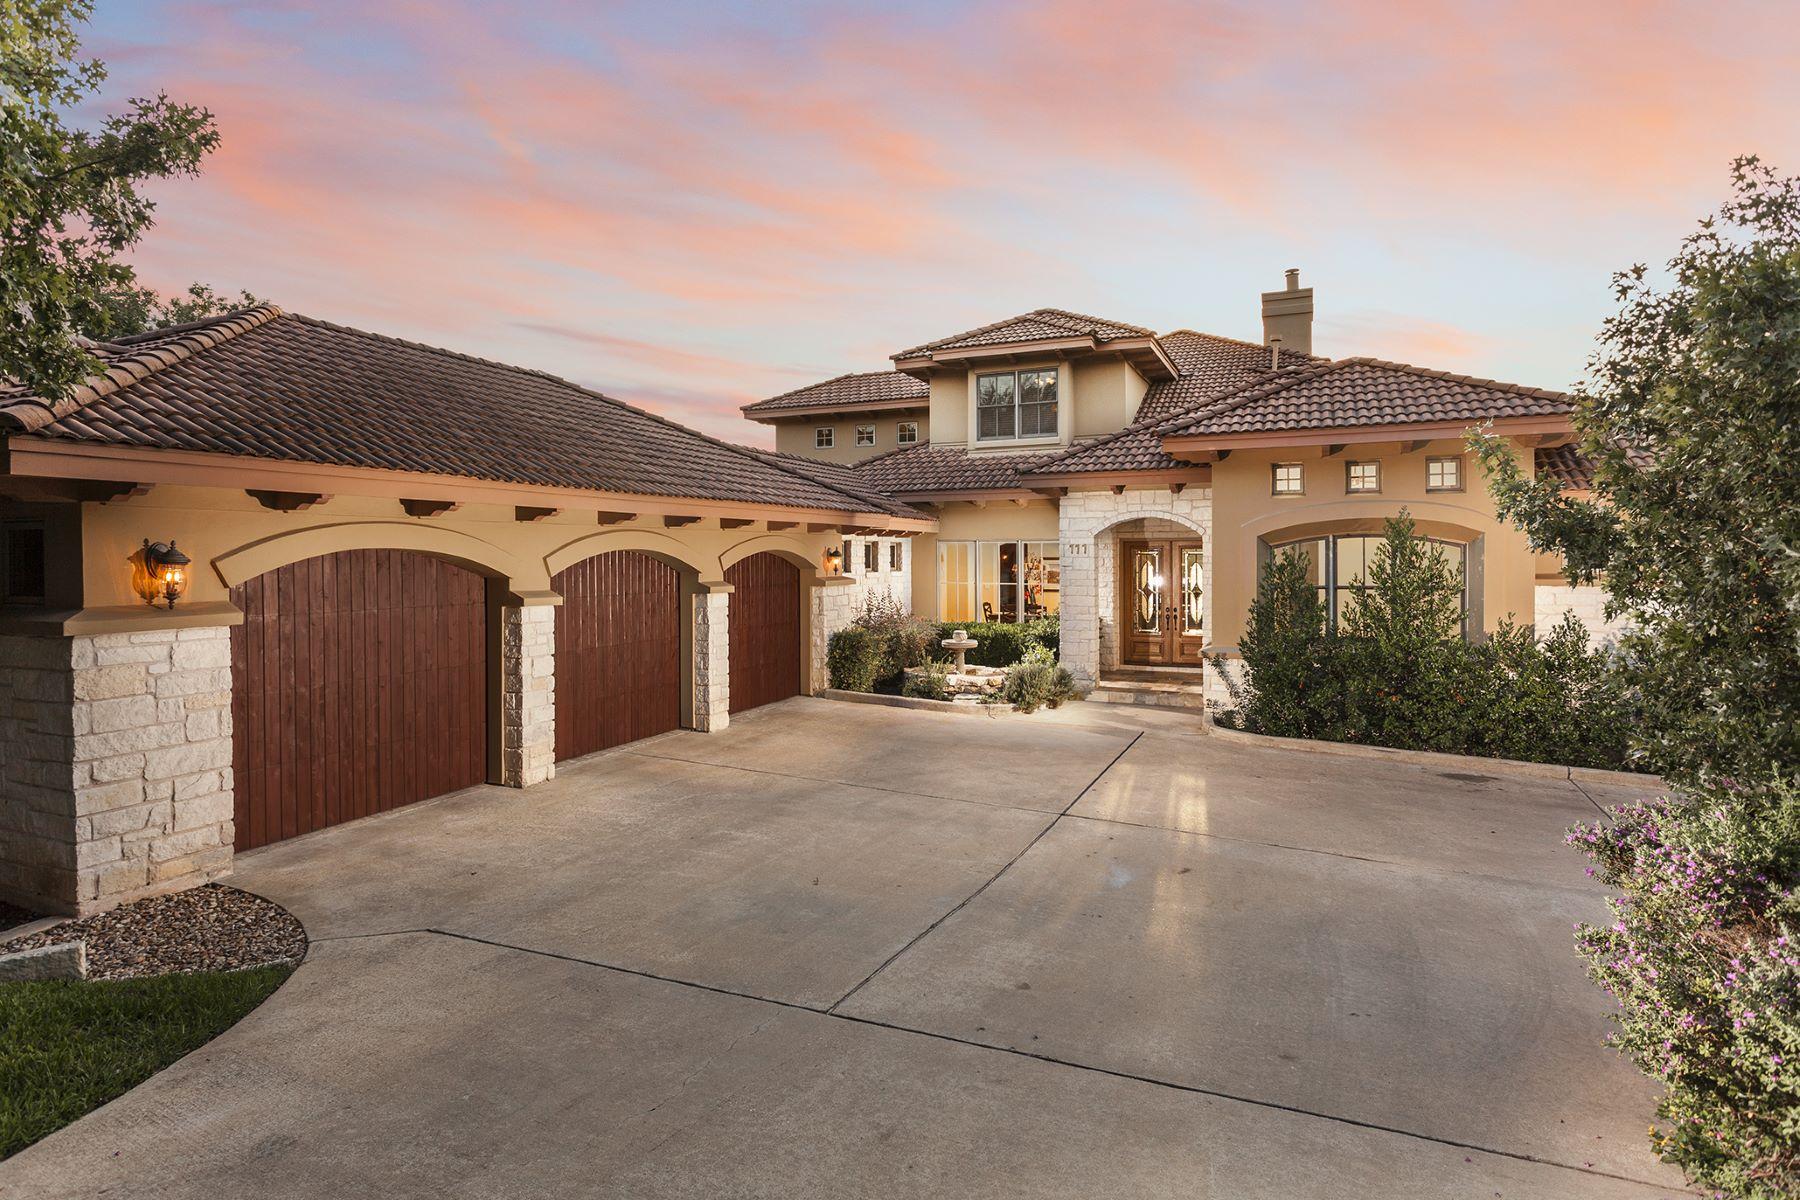 Single Family Homes for Sale at 111 Sendera Bonita, Lakeway, TX 78734 Lakeway, Texas 78734 United States